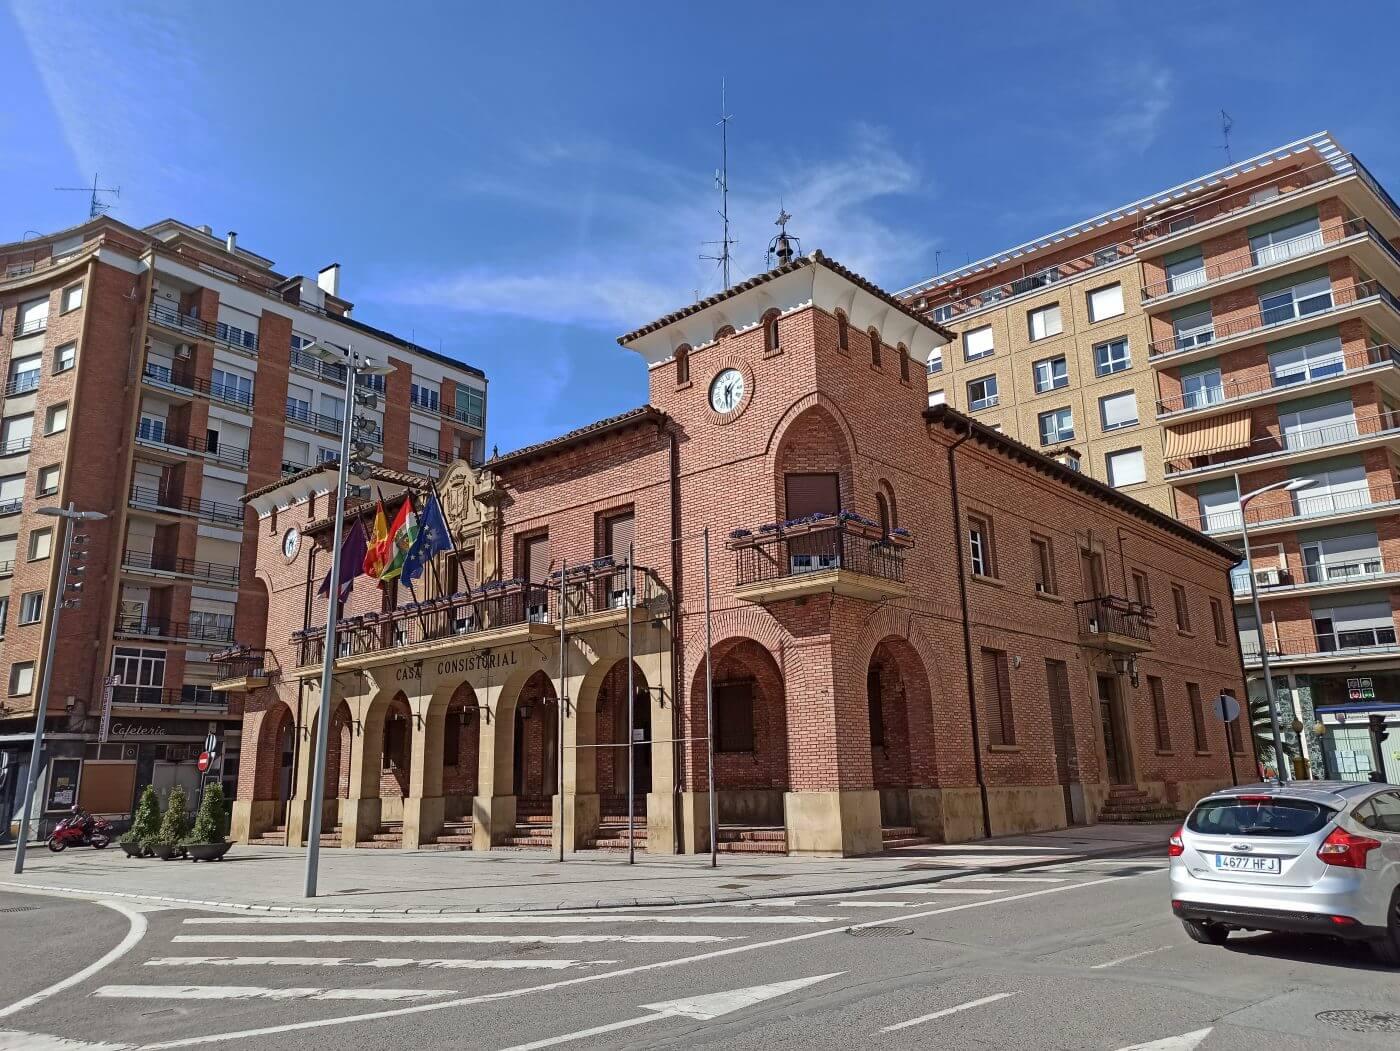 El Ayuntamiento de Calahorra programa de junio a octubre actividades de ocio y divulgación para los jóvenes